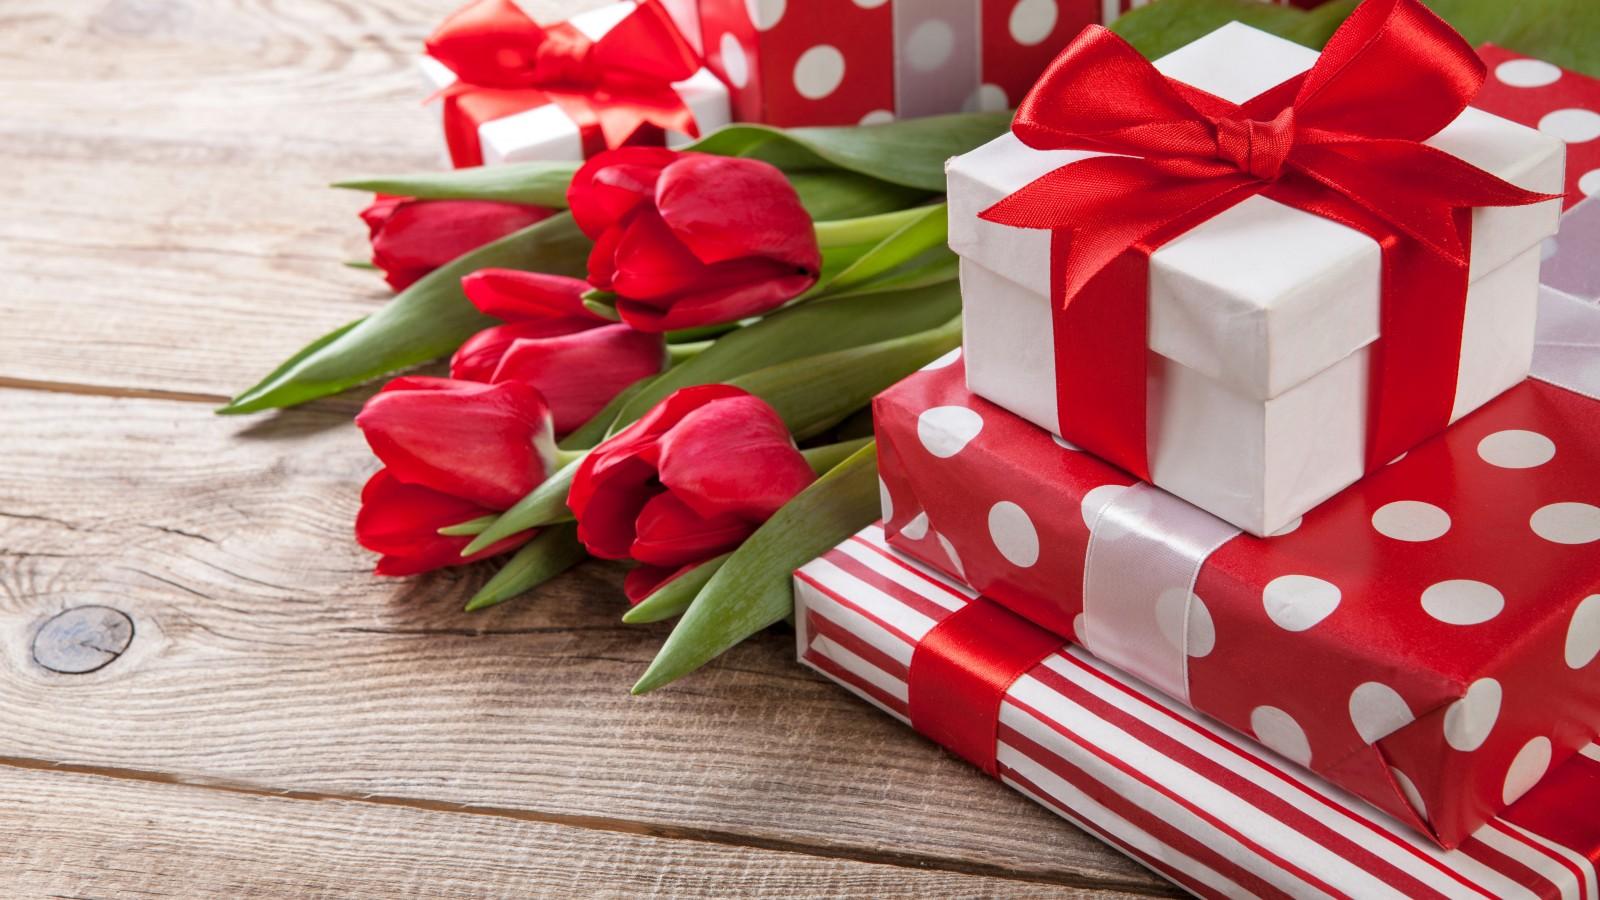 Розыгрыш поздравления с днем рождения женщине, именины людмилы